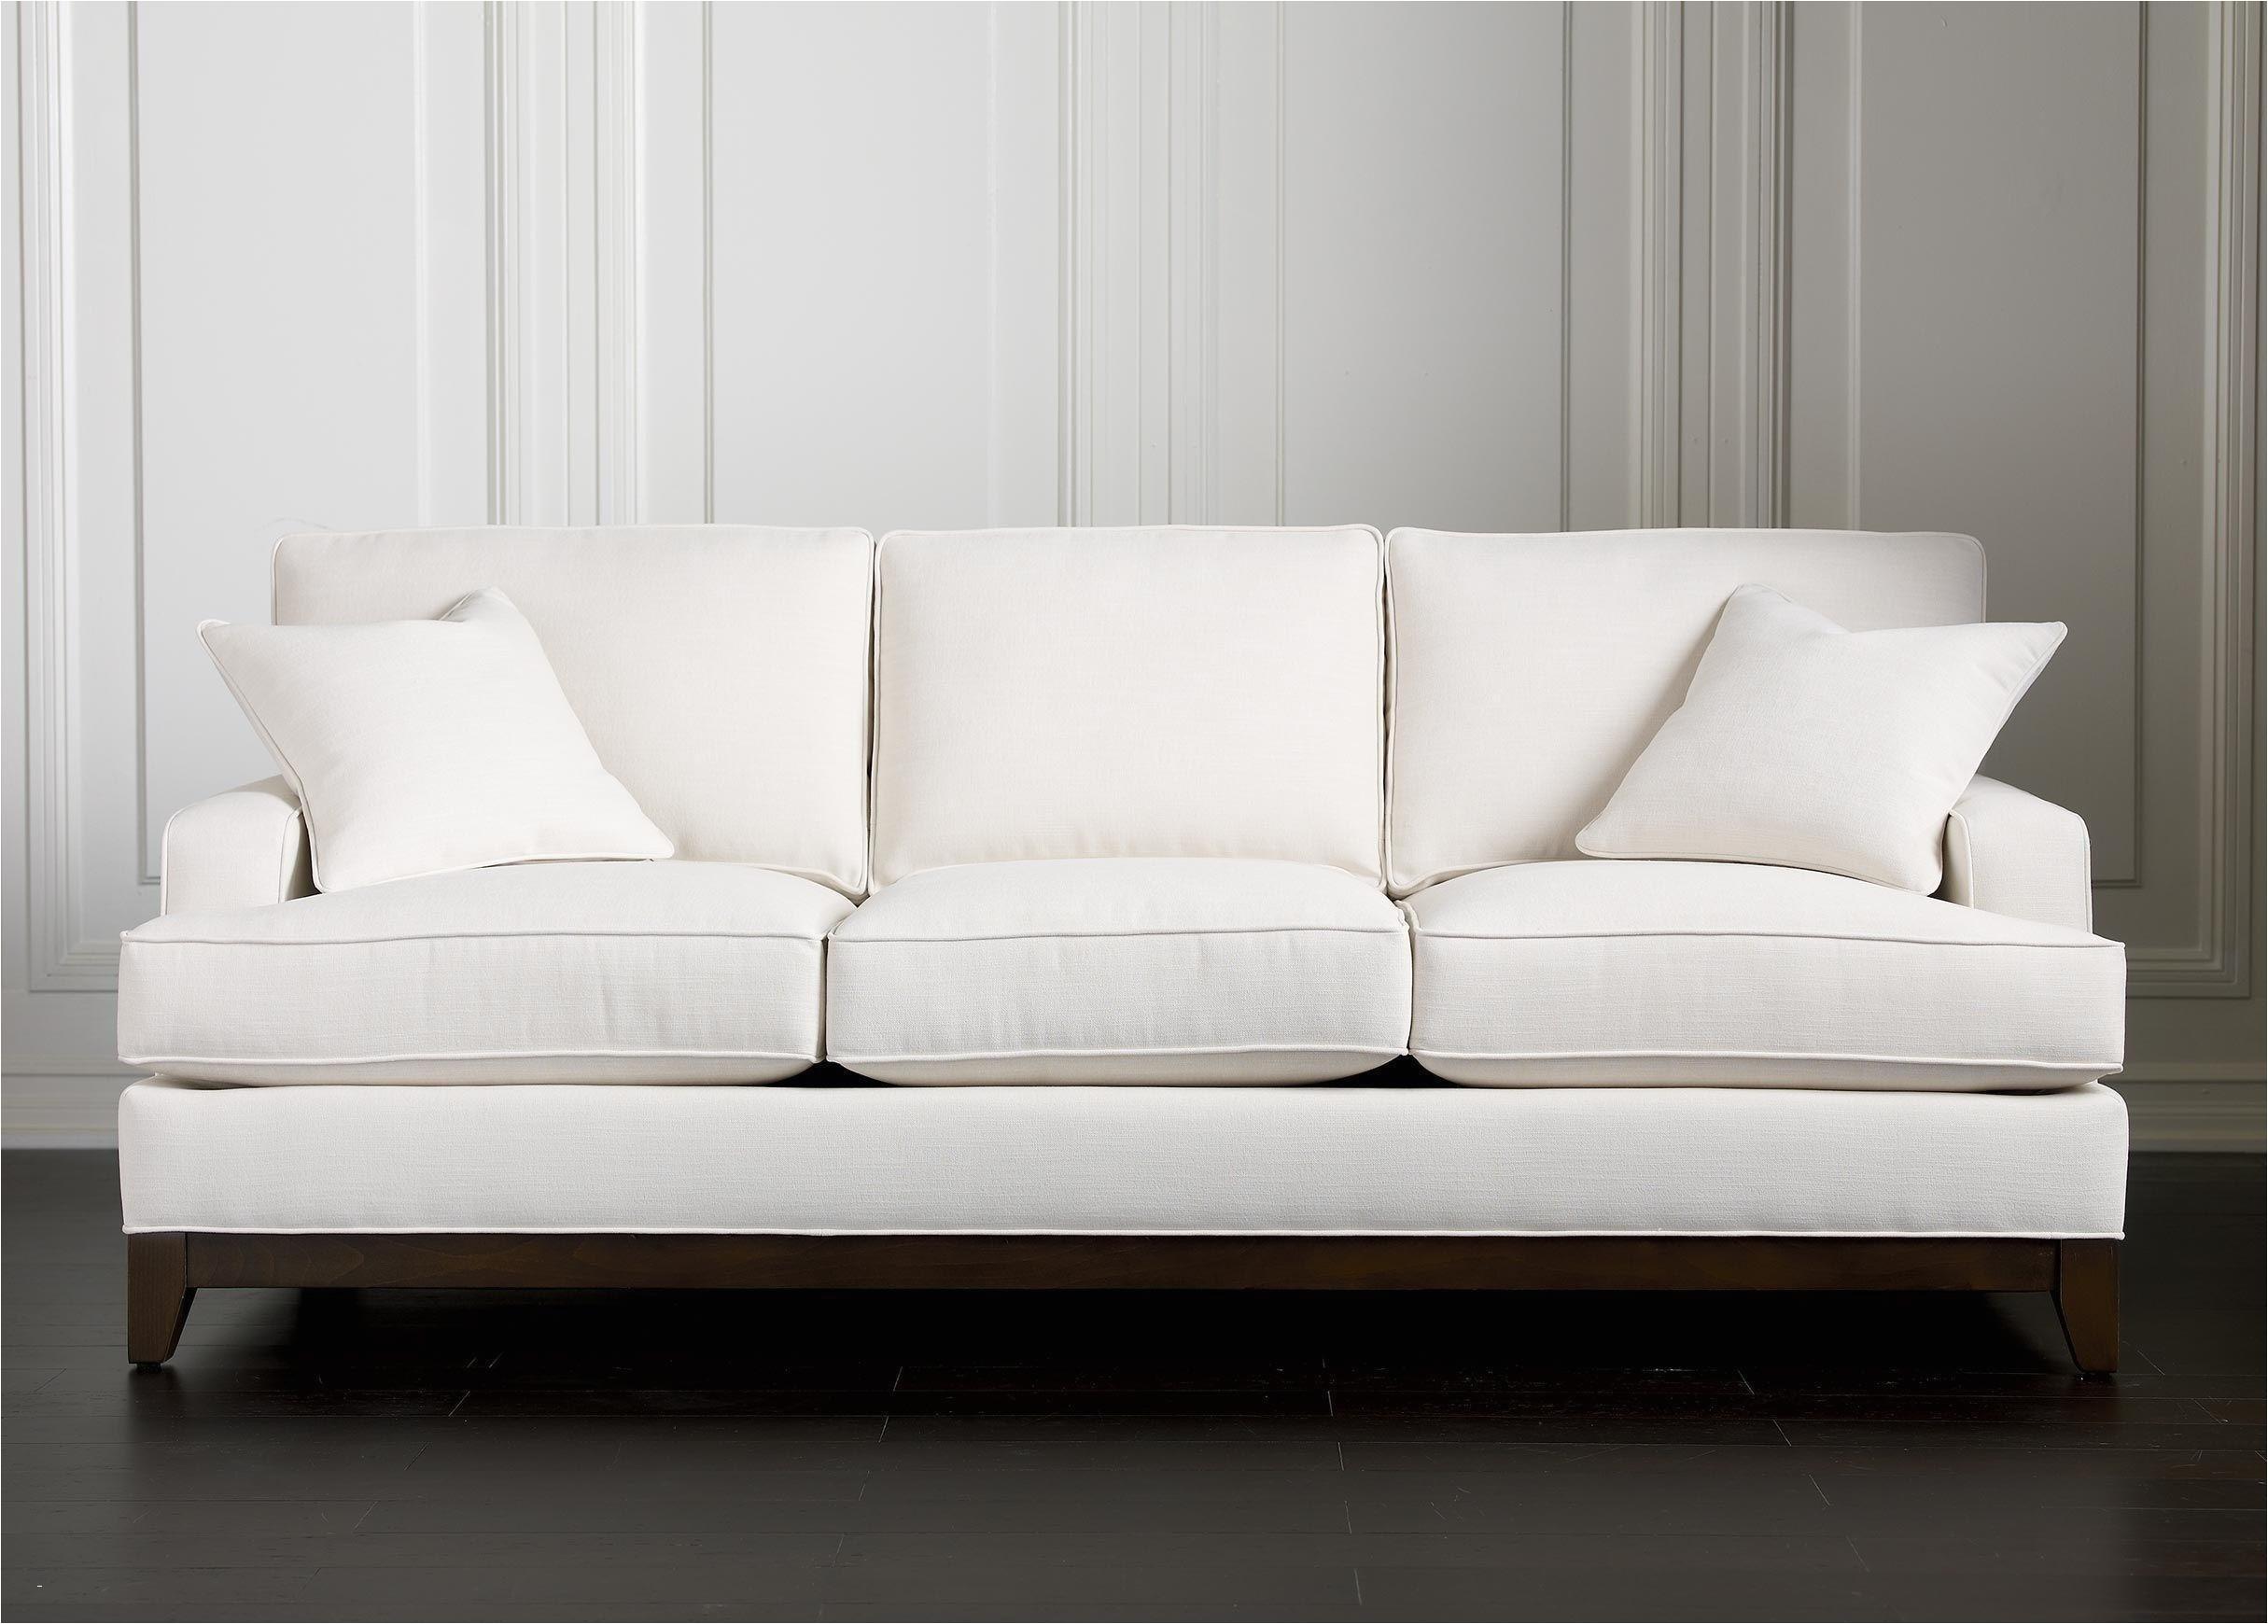 Inexpensive Sleeper sofa 15 Fresh Sleeper sofa Modern